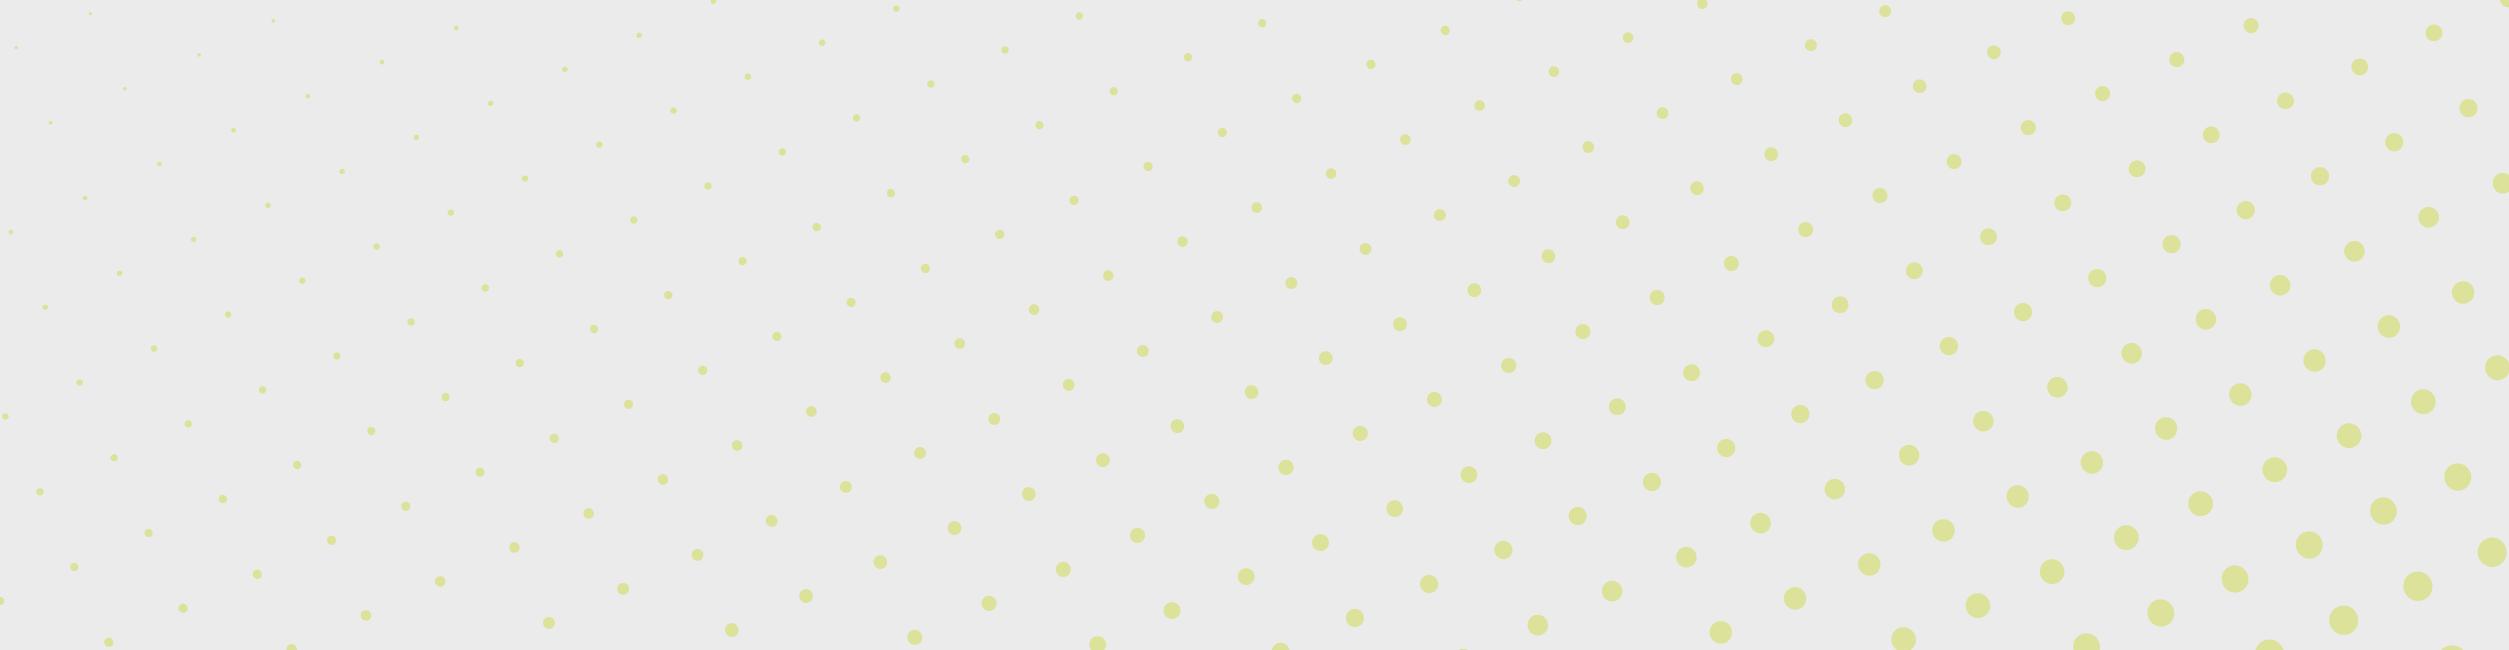 banner_processo_seletivo_RESULTADO-fundo